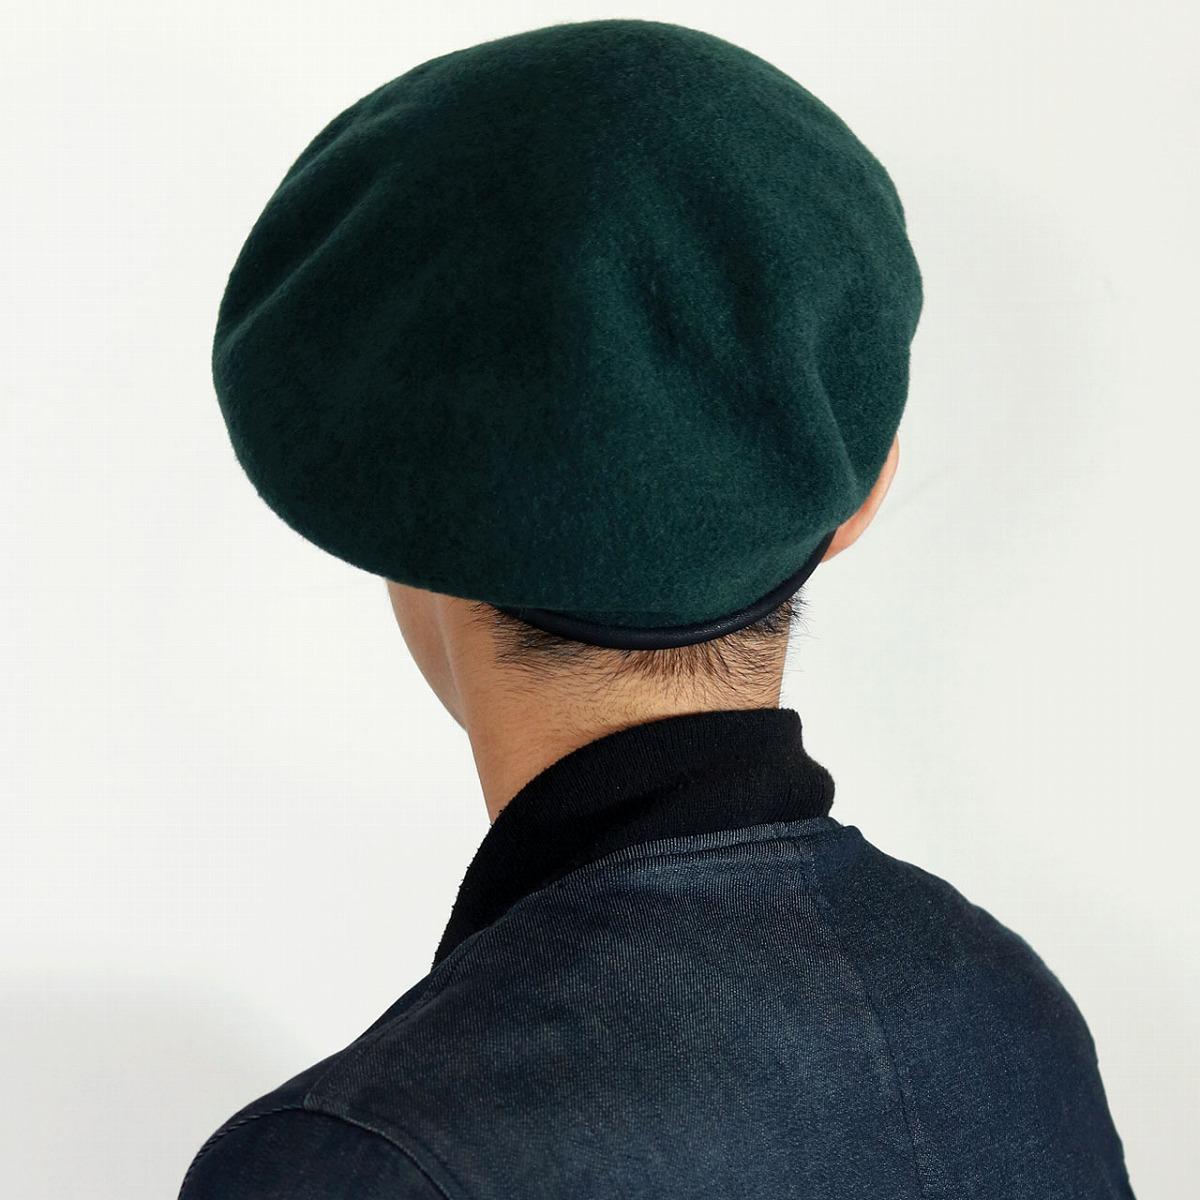 Product made in racal beret size hat buran gong cal basque beret men racal  japan beret 16128d900d46